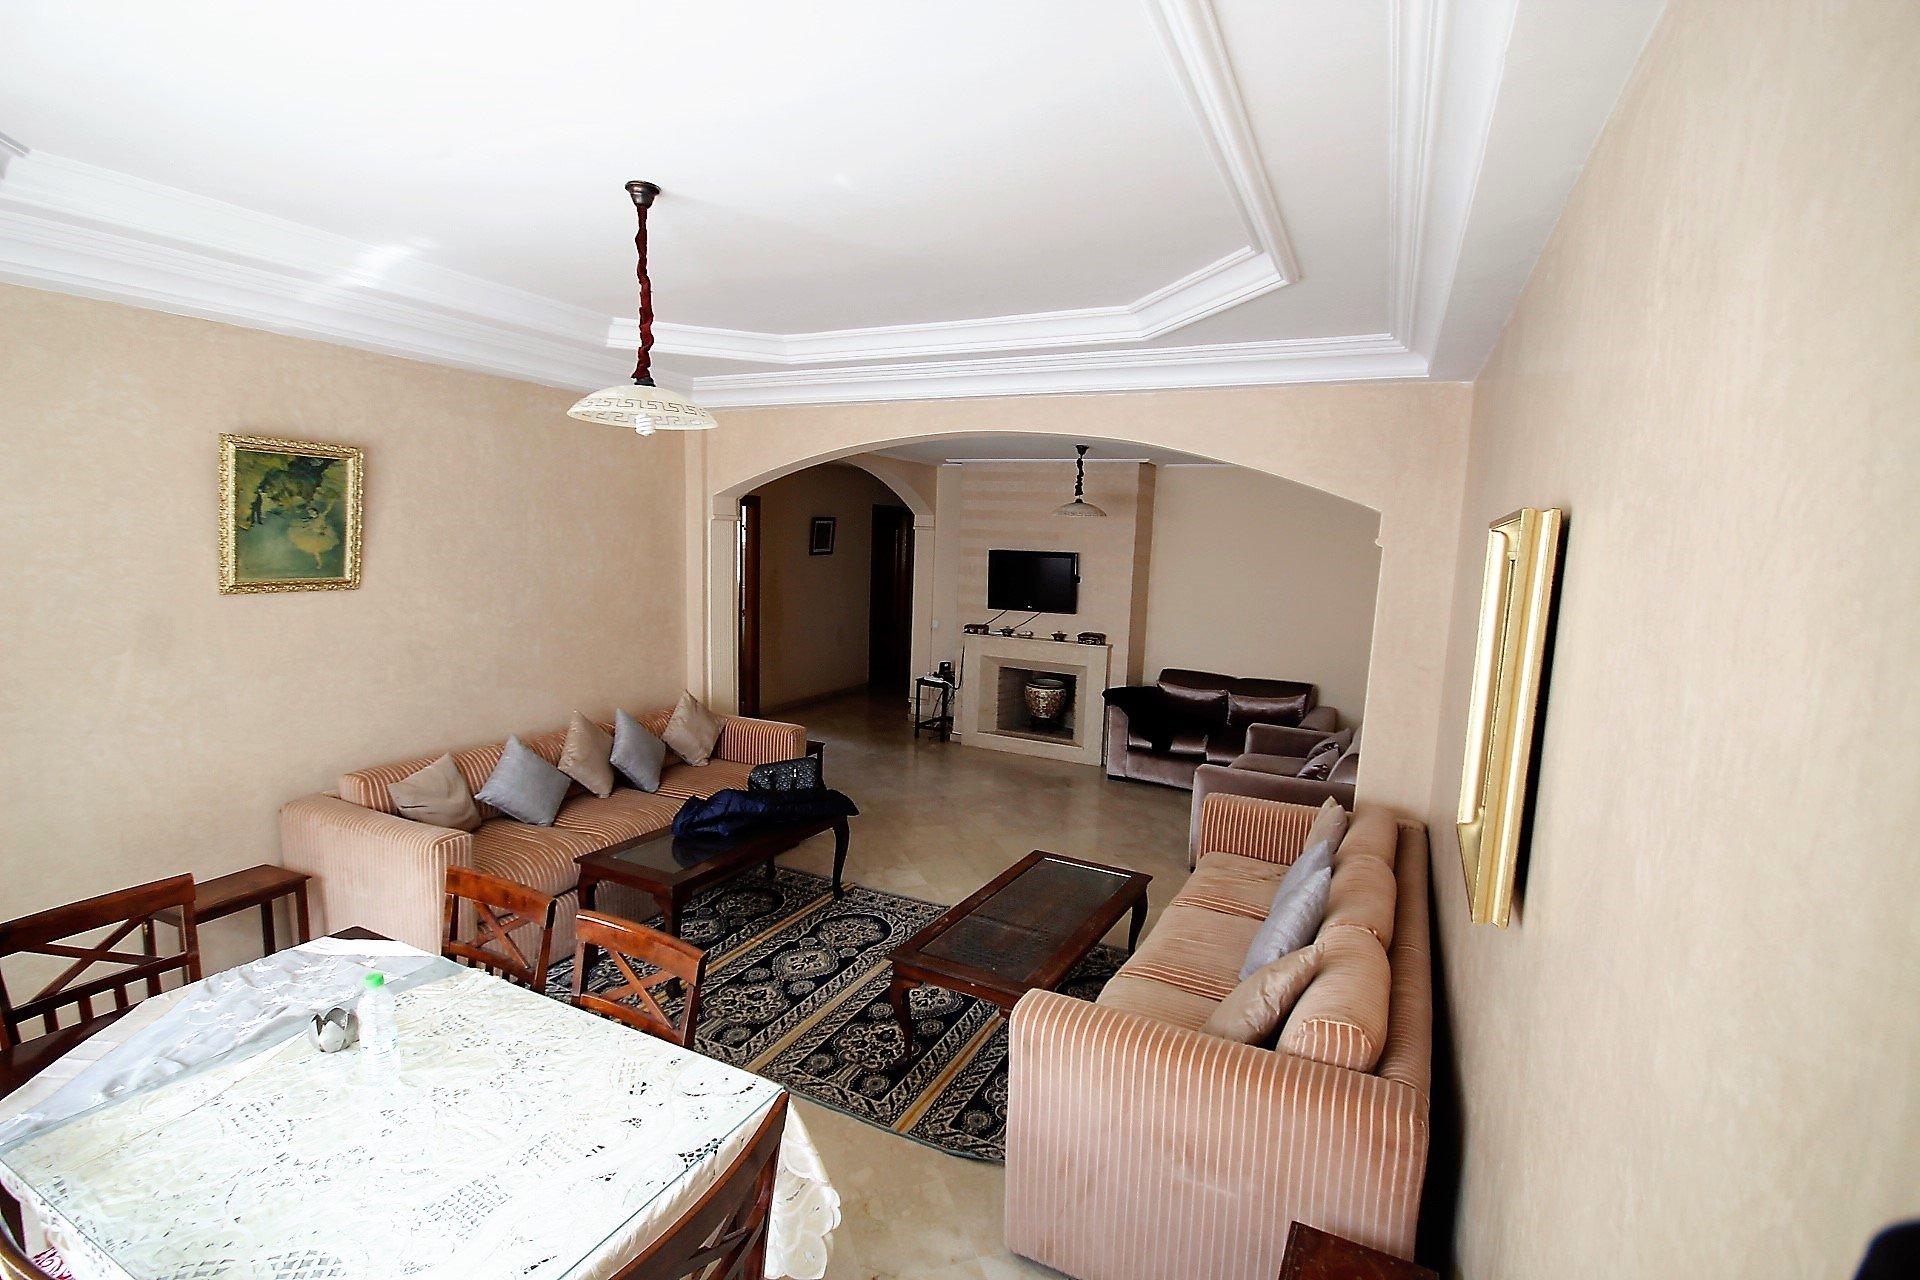 Maroc, Casablanca, Racine sur triangle d'or, à louer Vaste appartement (environ 132 m²) calme meublé de 2 chambres avec petite terrasse